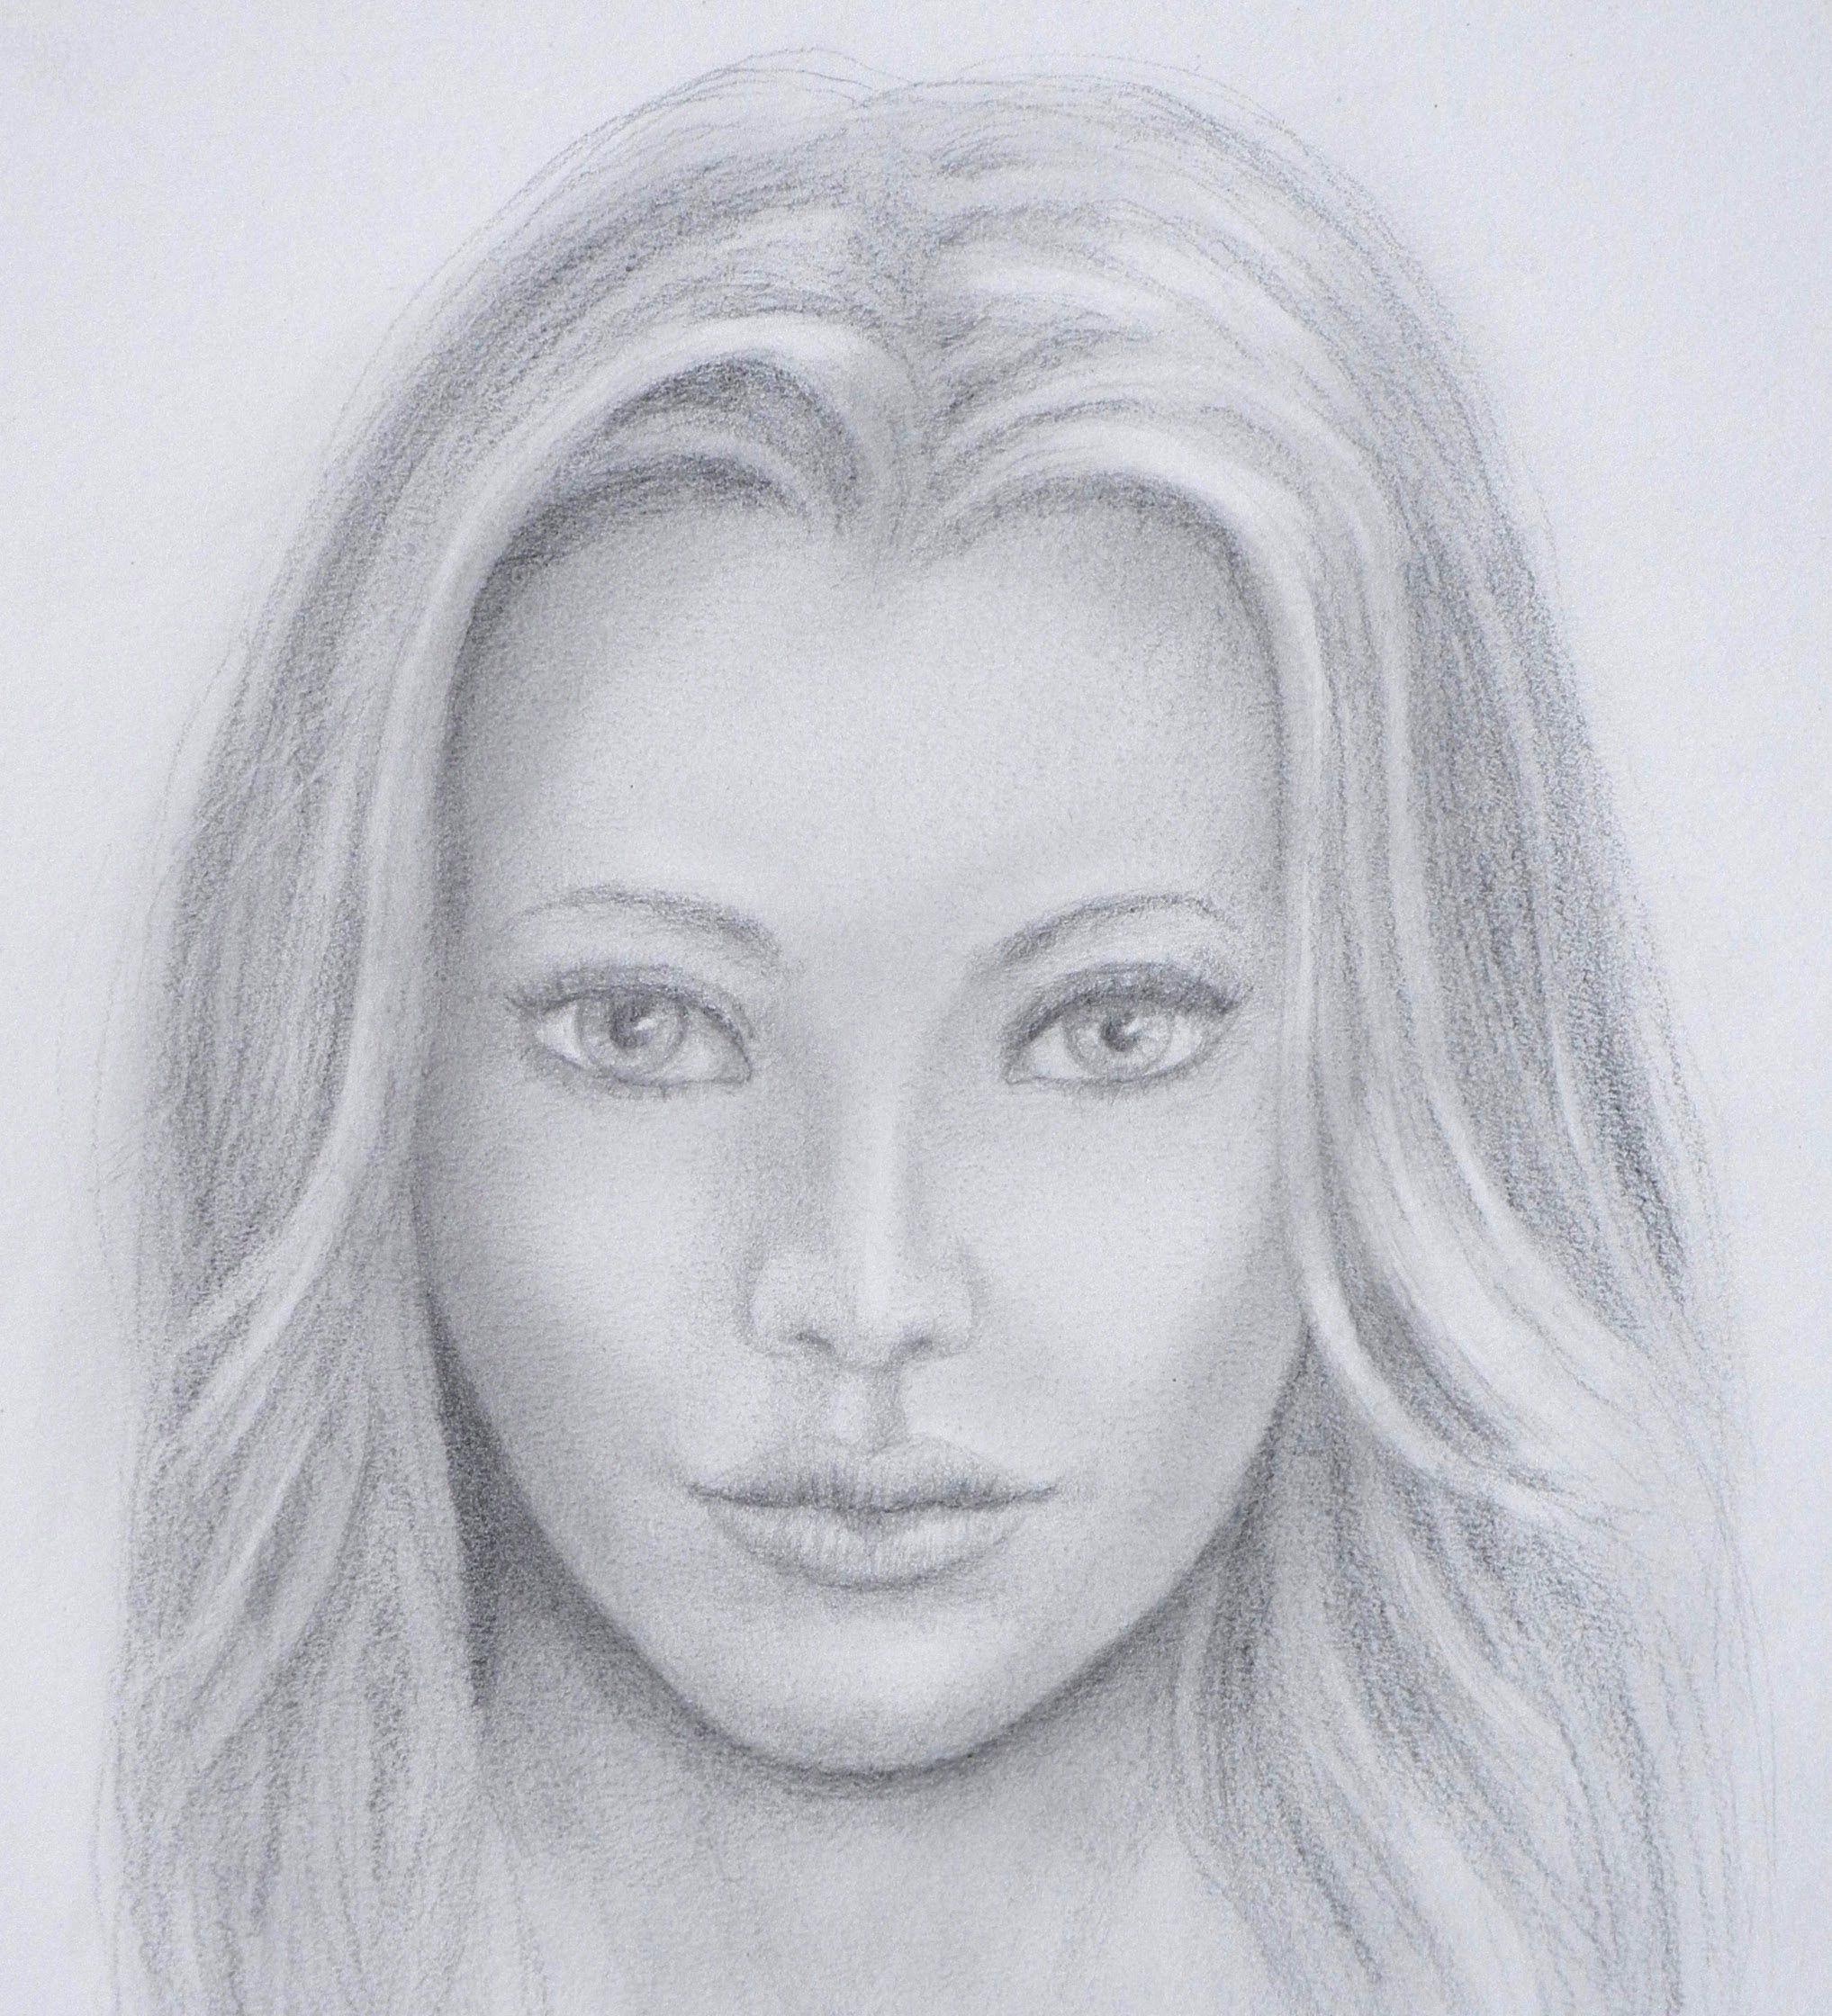 Rostro Humano Como Dibujar Un Hombre Facil Paso A Paso Como Dibujar Una Cara Realista Como Dibujar Un Rostro Como